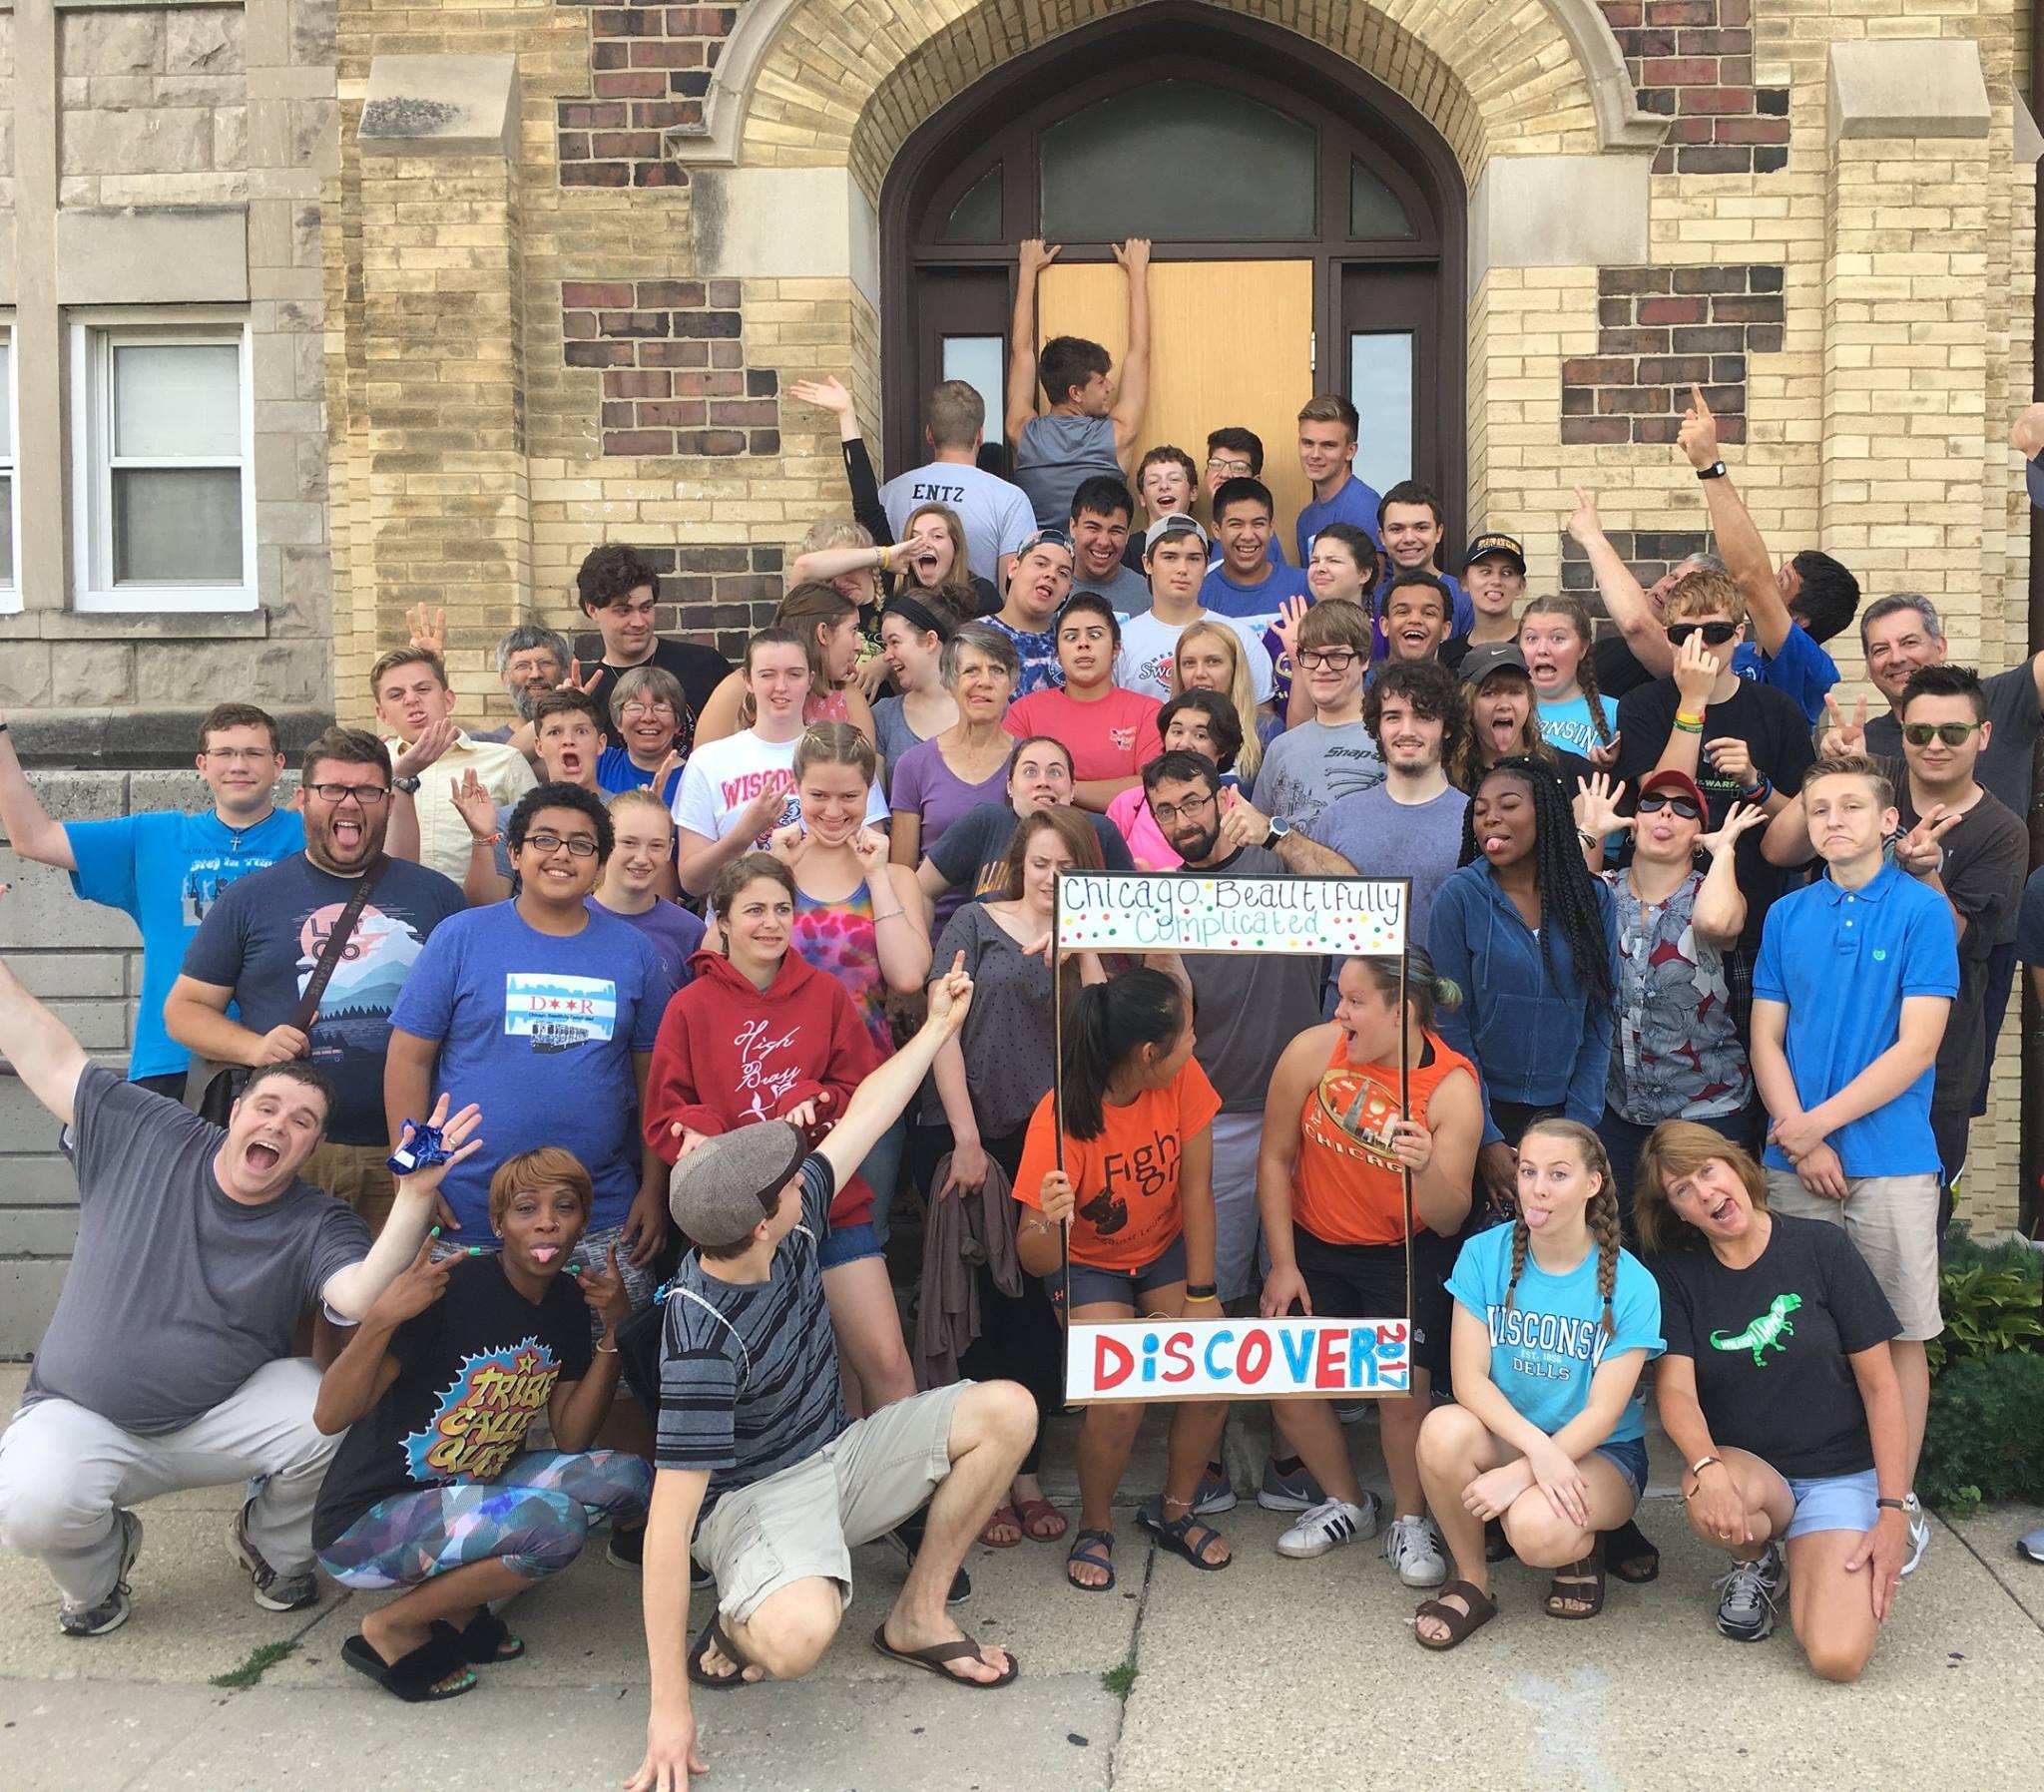 DOOR Network Volunteer Chicago Mission Trip Discover